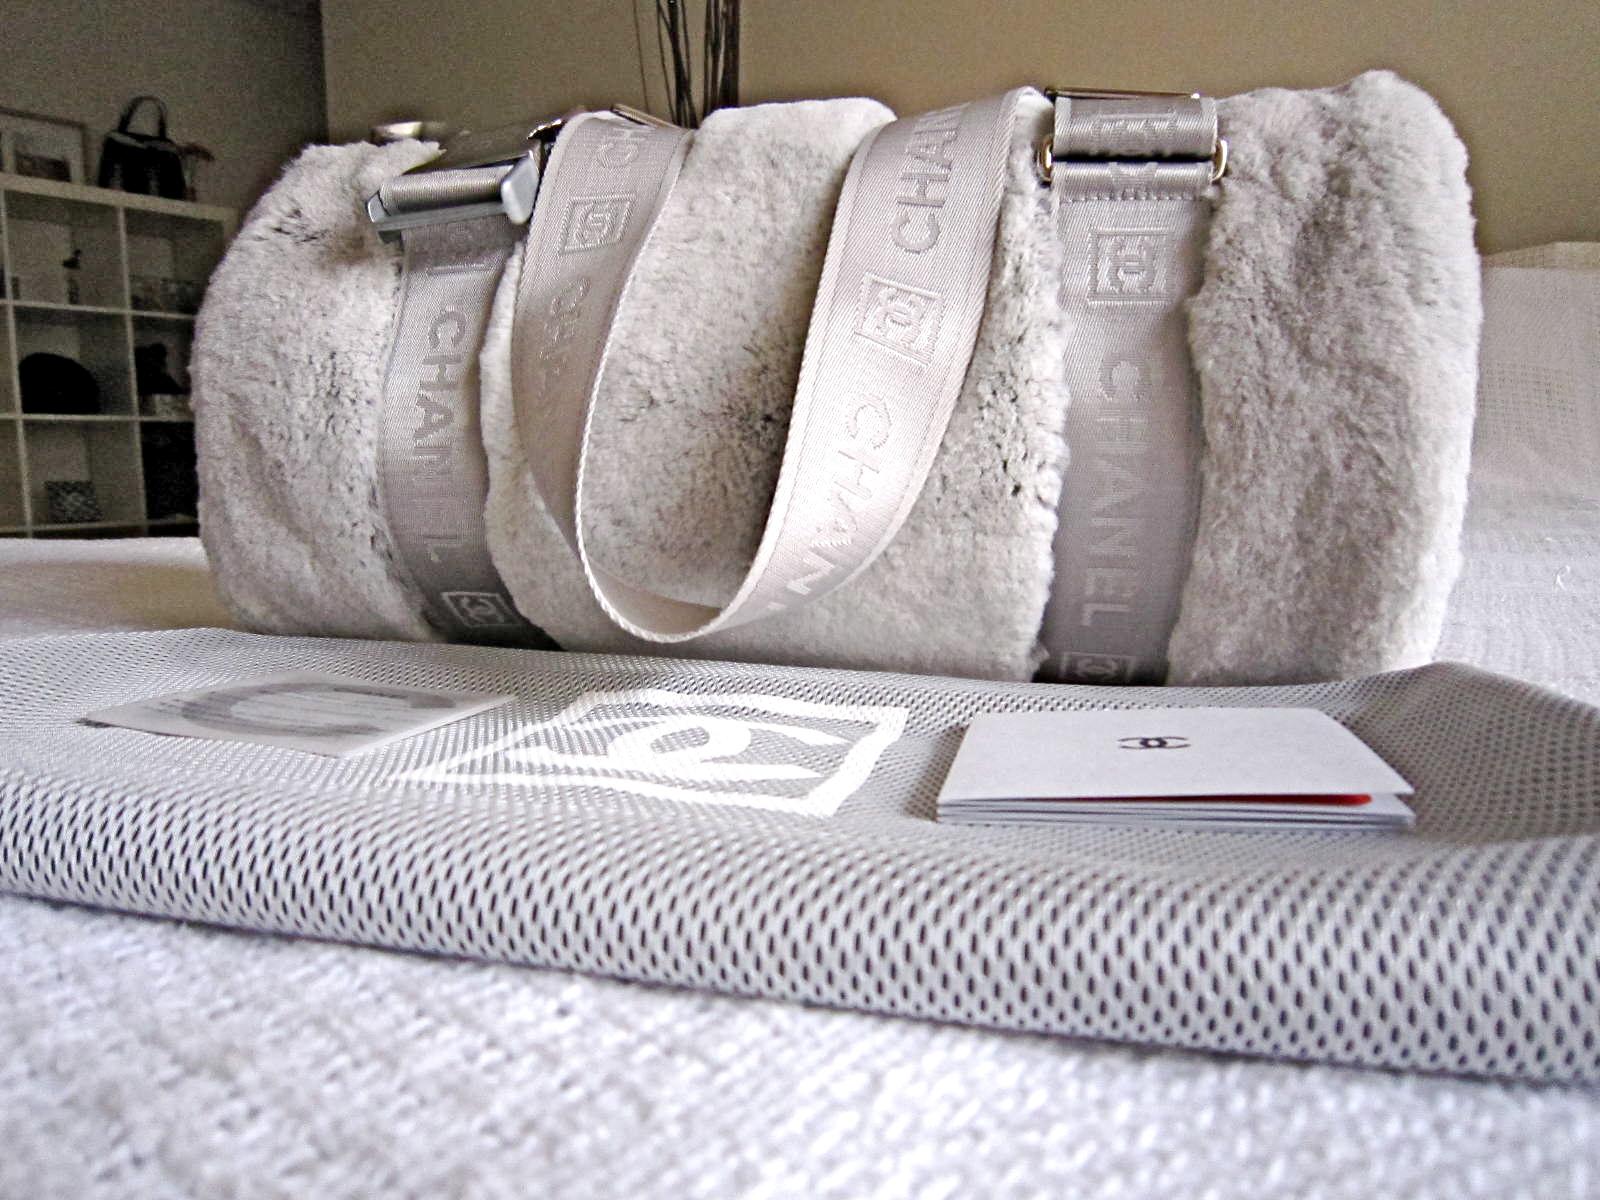 449f2377bf Chanel Limited Edition Grey Rabbit Fur Duffel Bag - Luxurylana ...